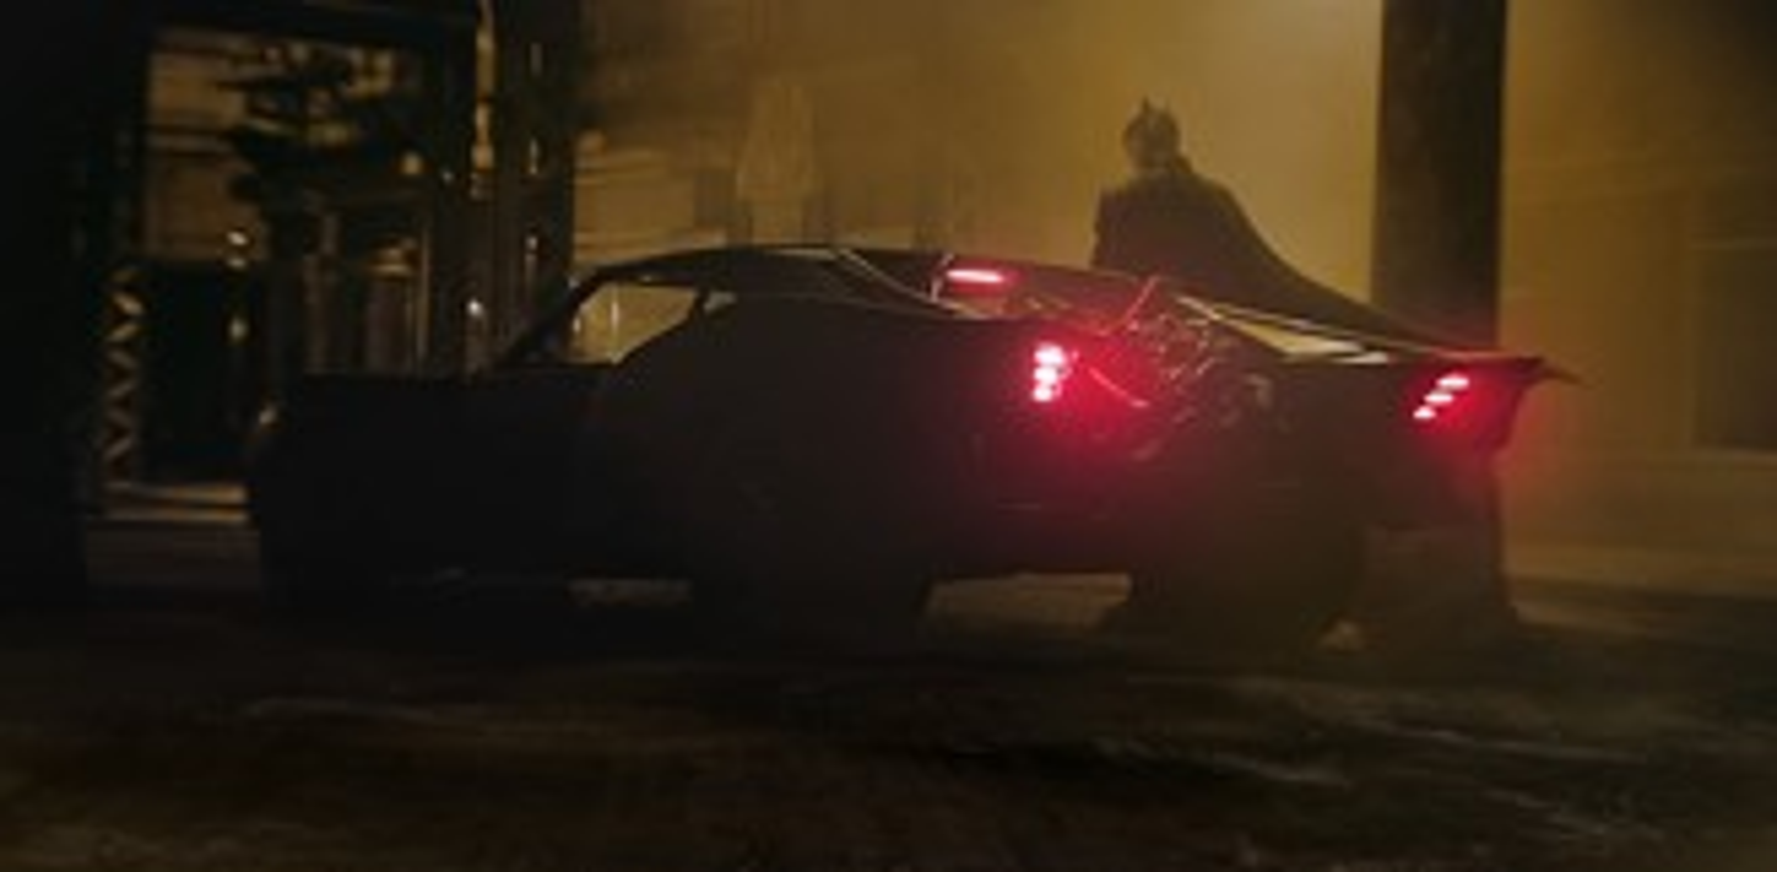 Filmes como 'The Batman' devem ficar entre os mais afetados inicialmente